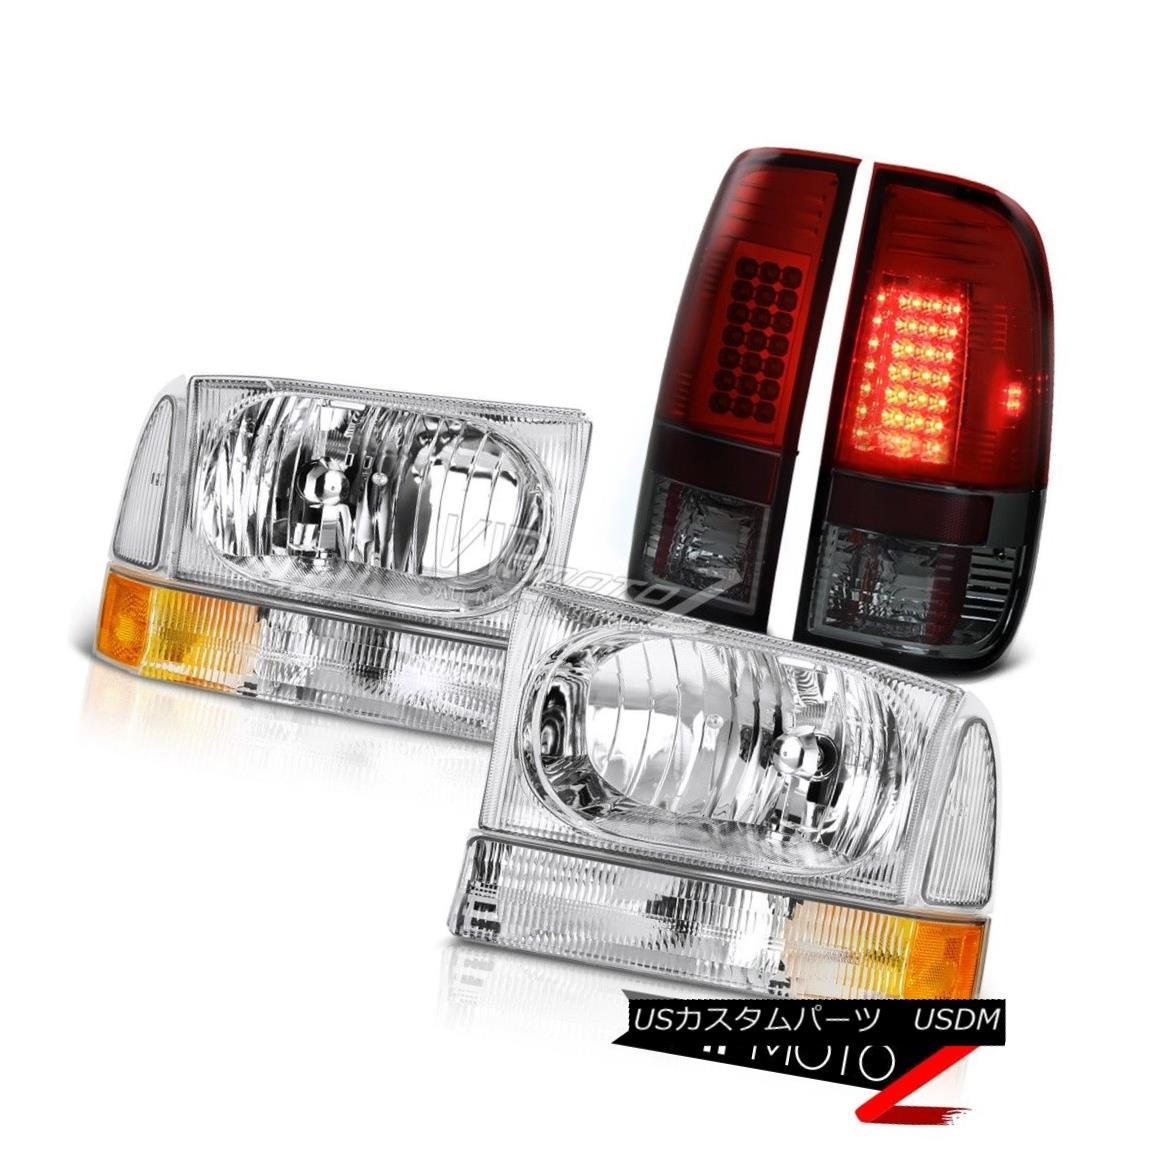 ヘッドライト Chrome Headlamps Headlights Smokey Red Tail Light 99-04 F250 F350 5.4L SuperDuty クロームヘッドランプヘッドライトスモークレッドテールライト99-04 F250 F350 5.4LスーパーDuty